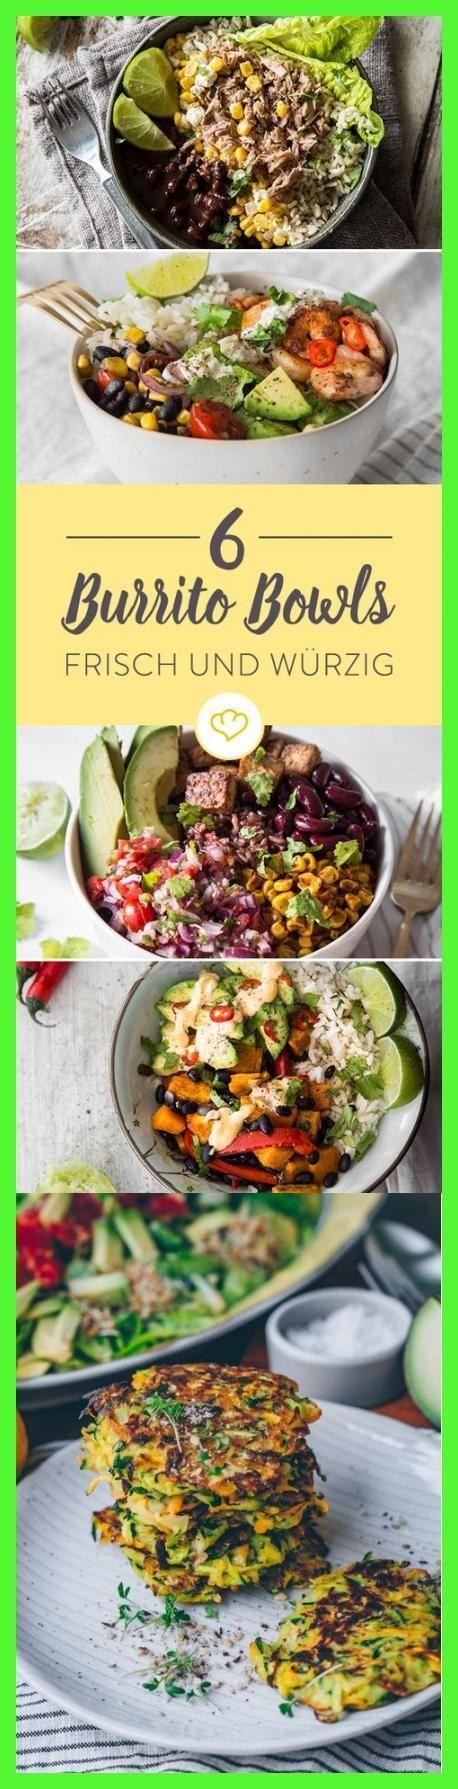 Photo of Lass dich von diesen 6 Burrito Bowl Rezepten inspirieren und fülle deine Schüs…